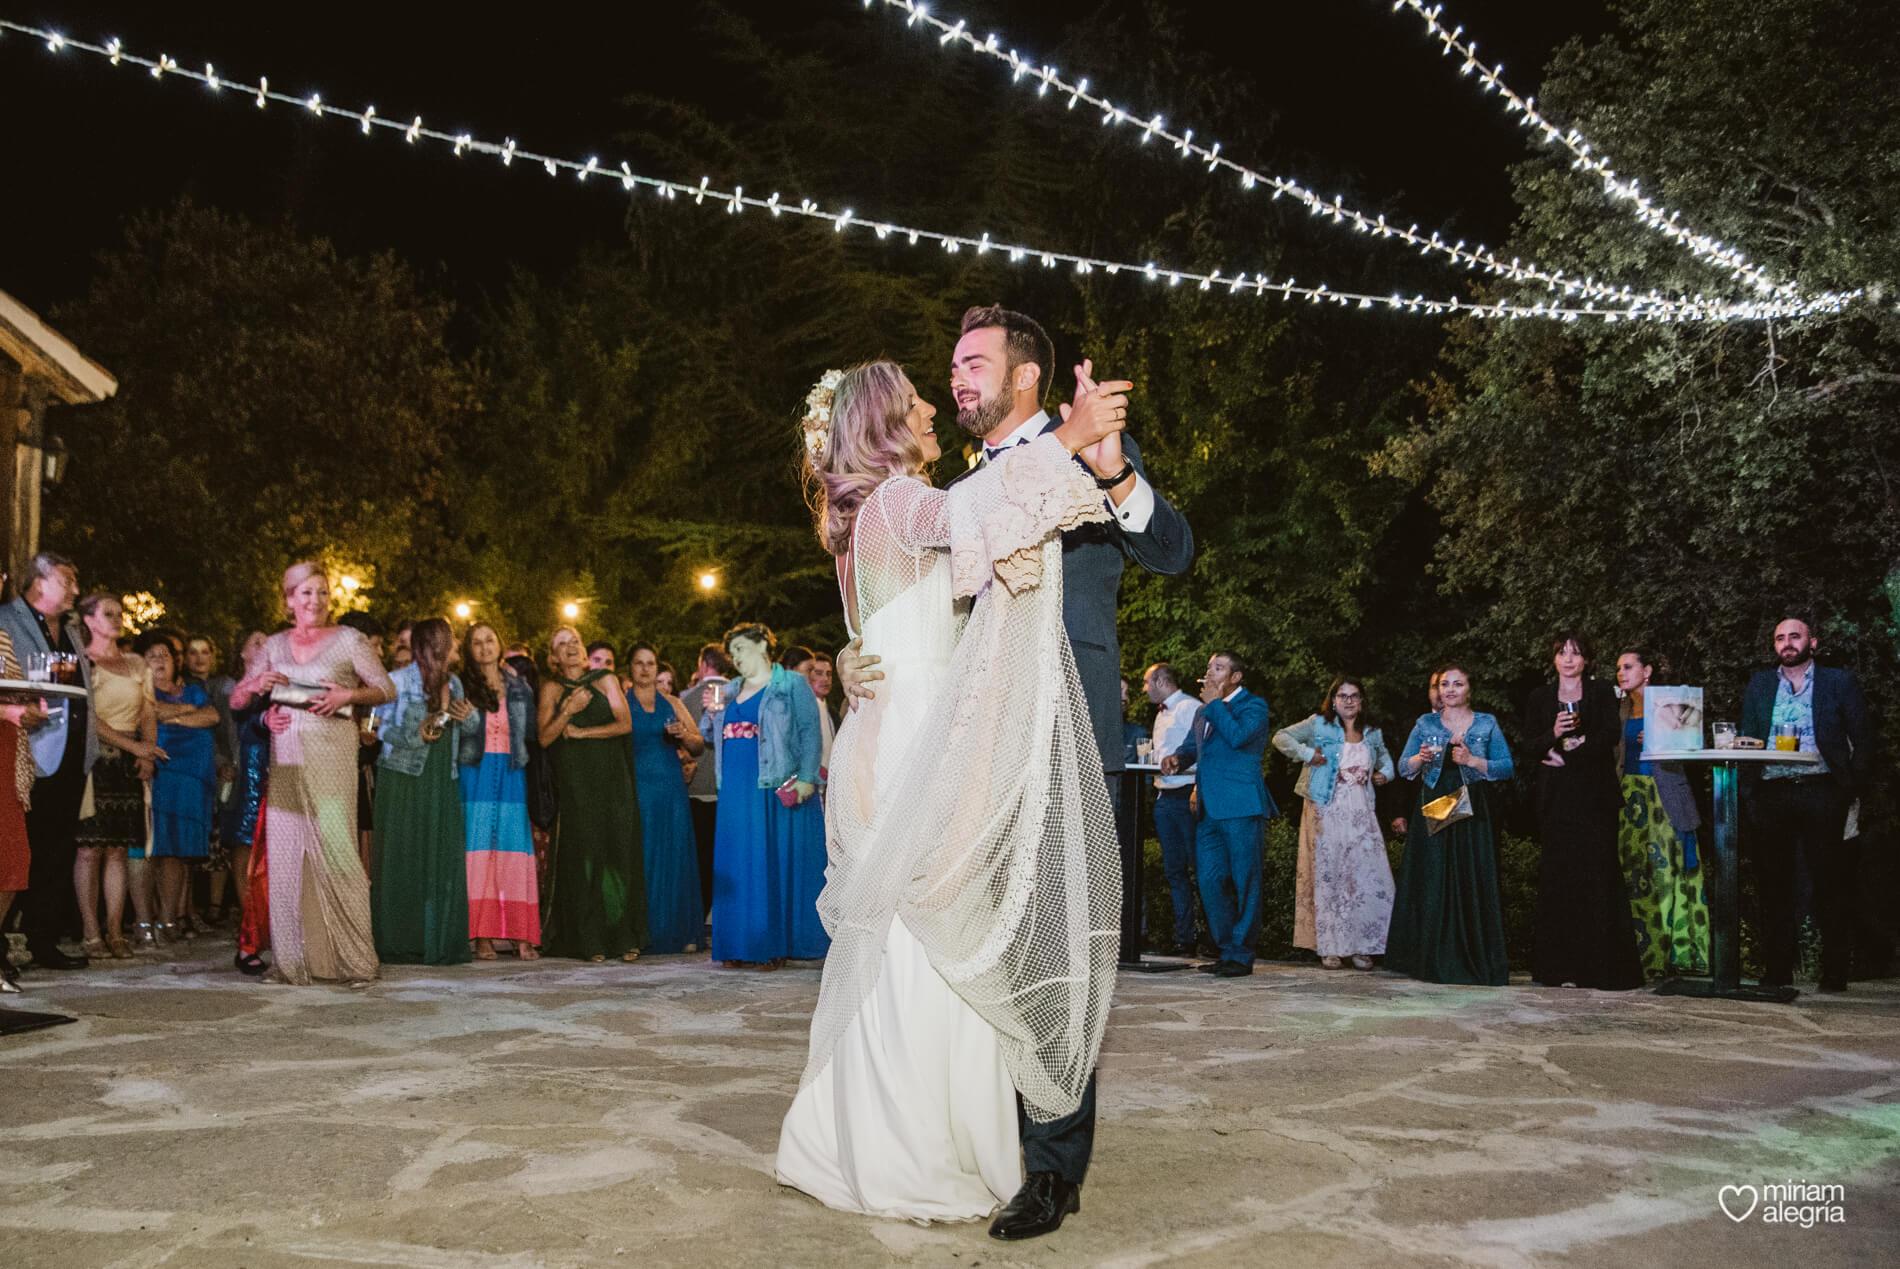 boda-en-collados-miriam-alegria-cayetana-ferrer-115